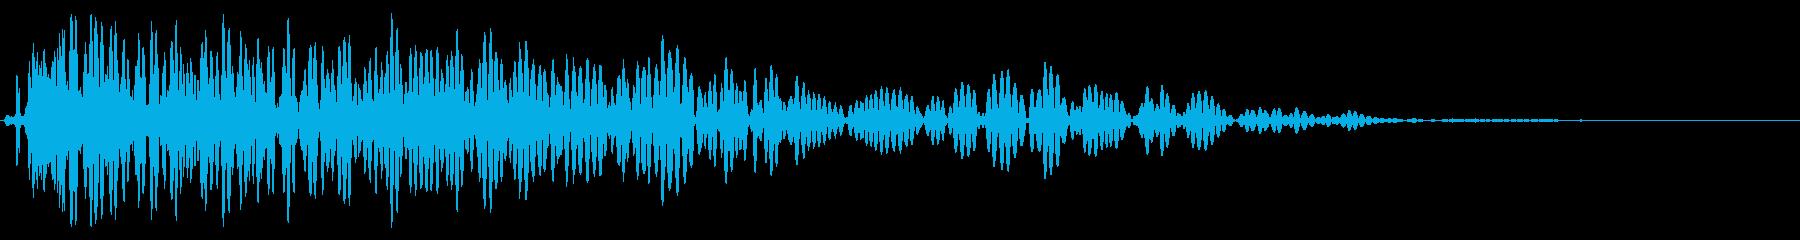 レーザーストライクの衝撃または爆発の再生済みの波形